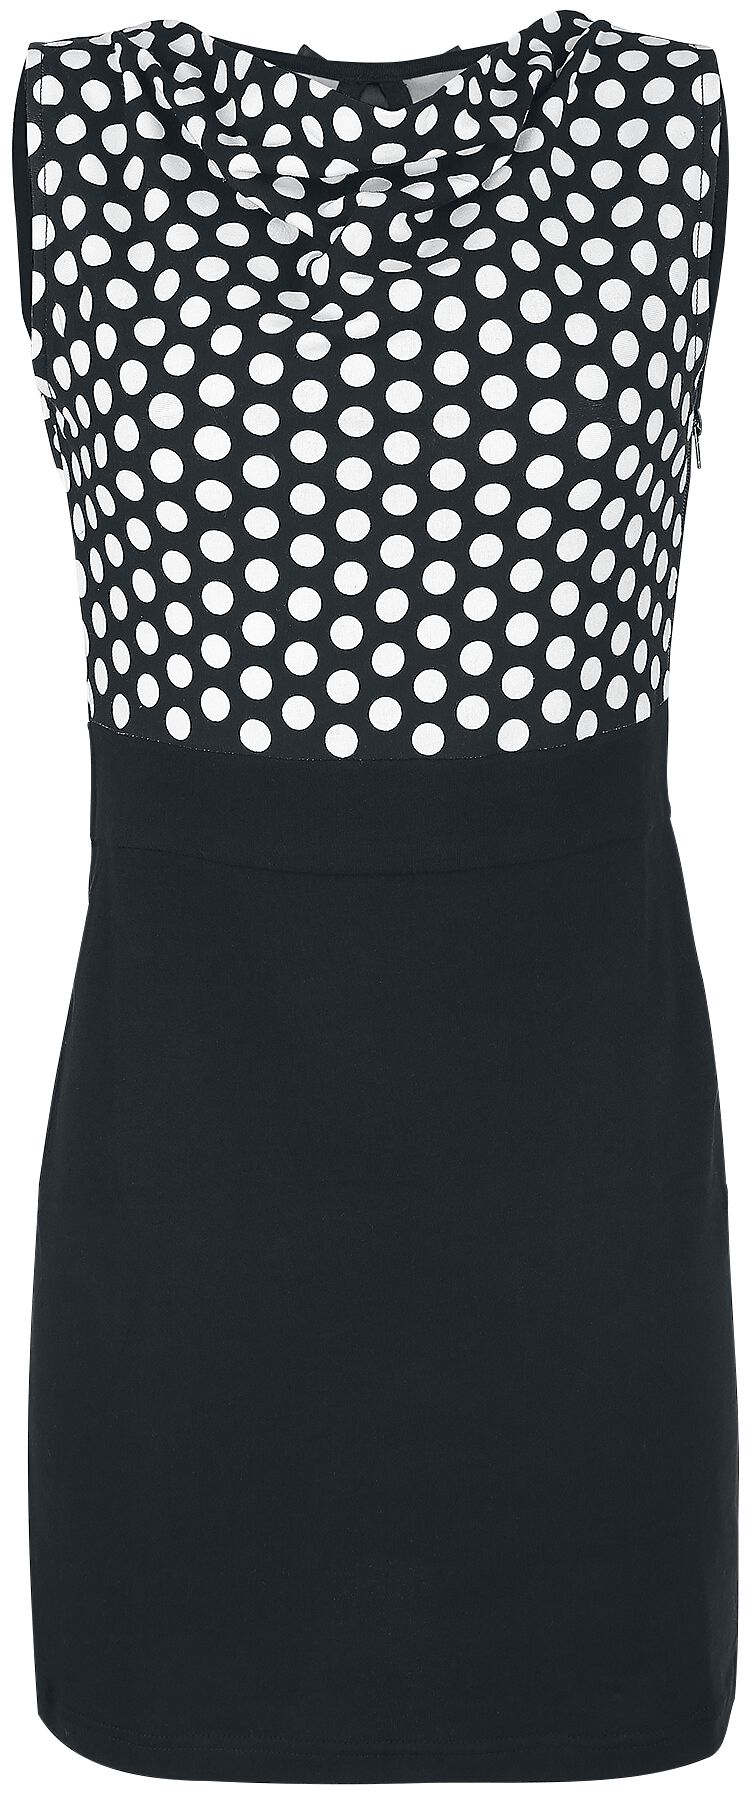 Rockabella Molly Dress Kleid schwarz